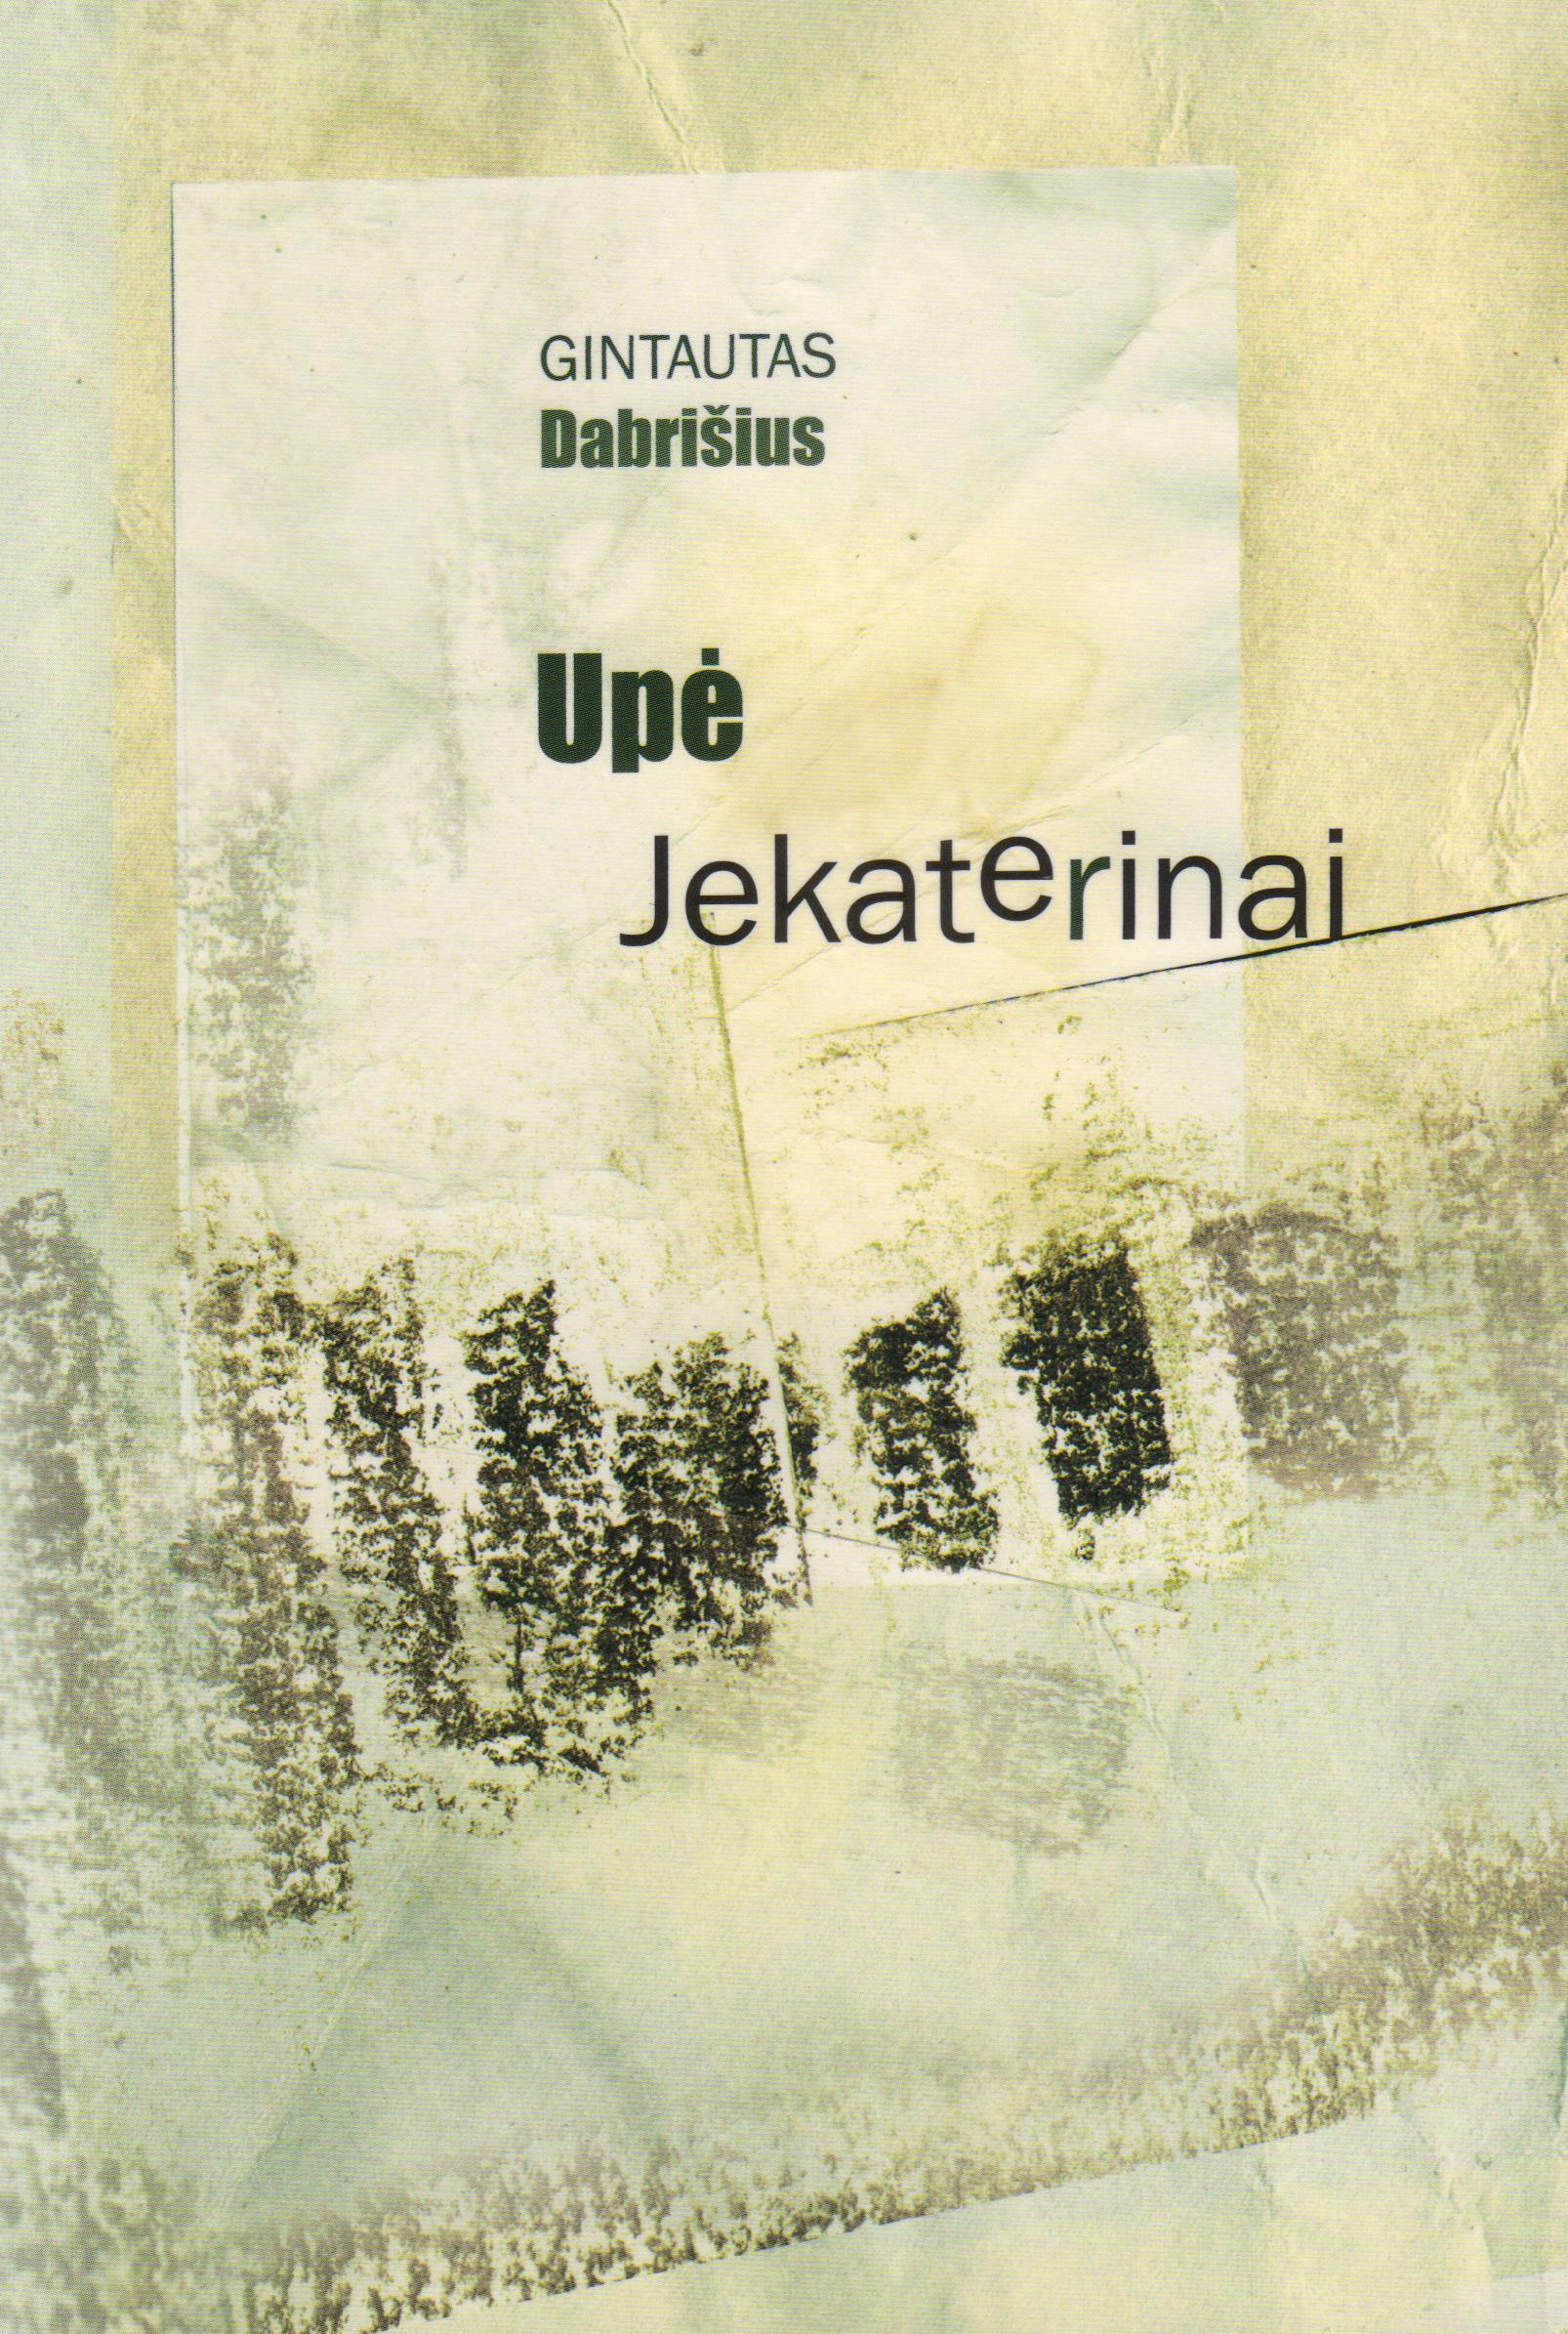 """Gintautas Dabrišius """"Upė Jekaterinai"""" (Kaunas: Kauko laiptai, 2013)"""